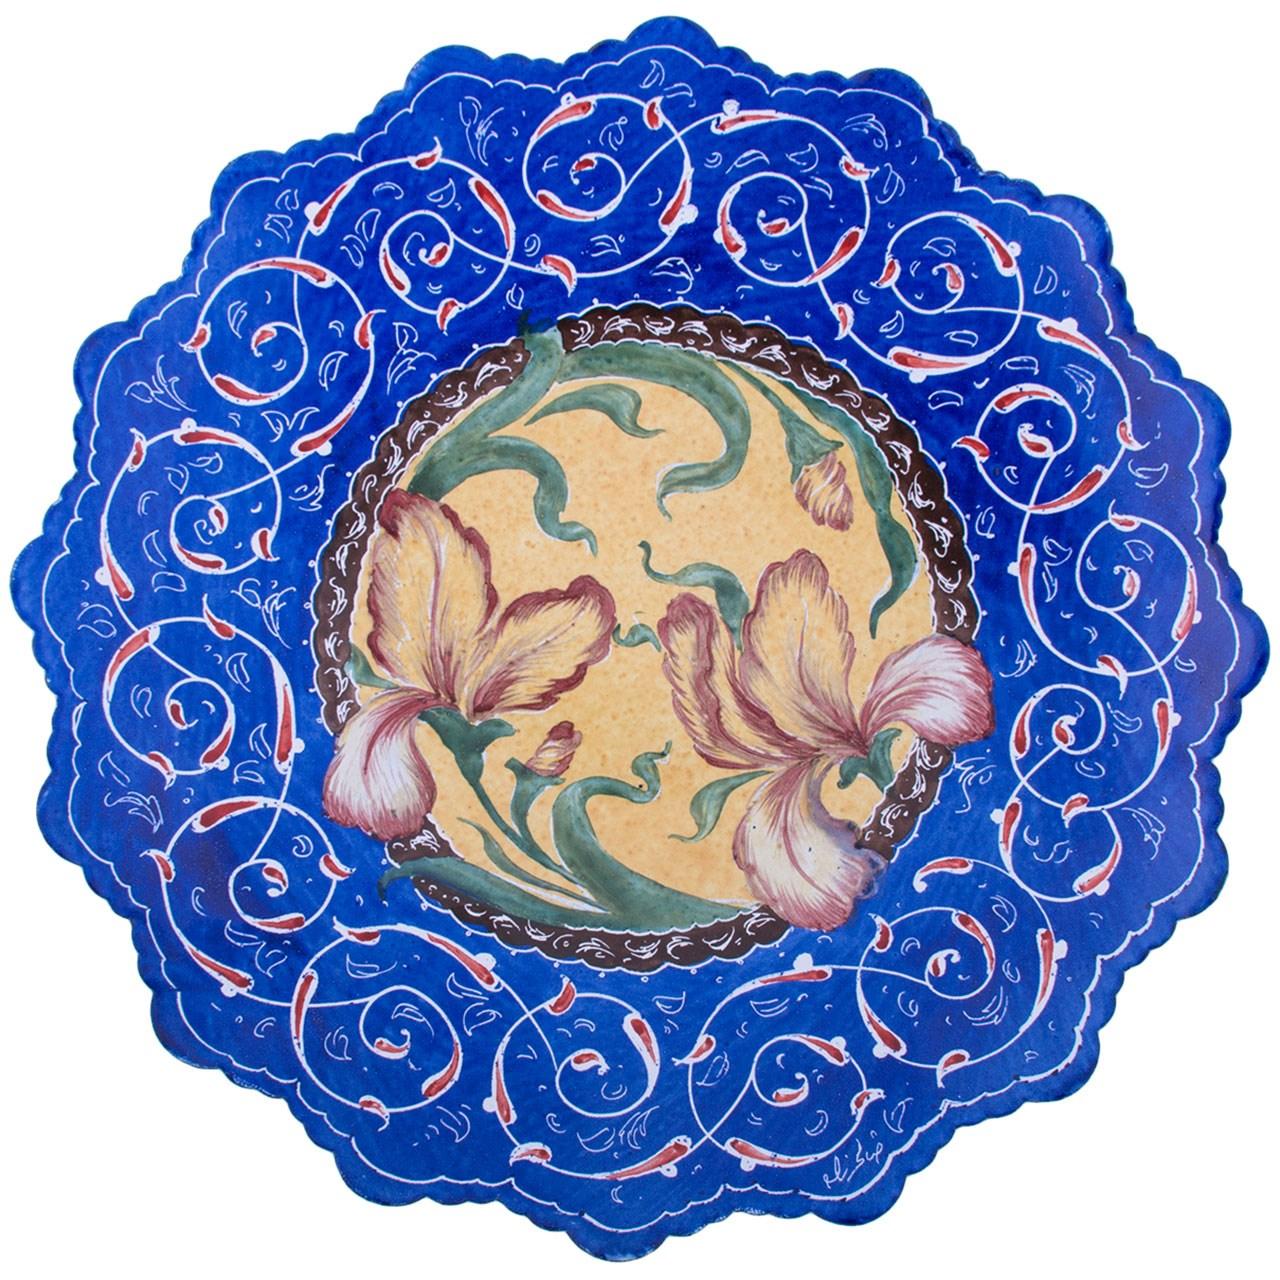 بشقاب مسی میناکاری شده اثر صالحی زاده طرح گل زنبق قطر 20 سانتی متر